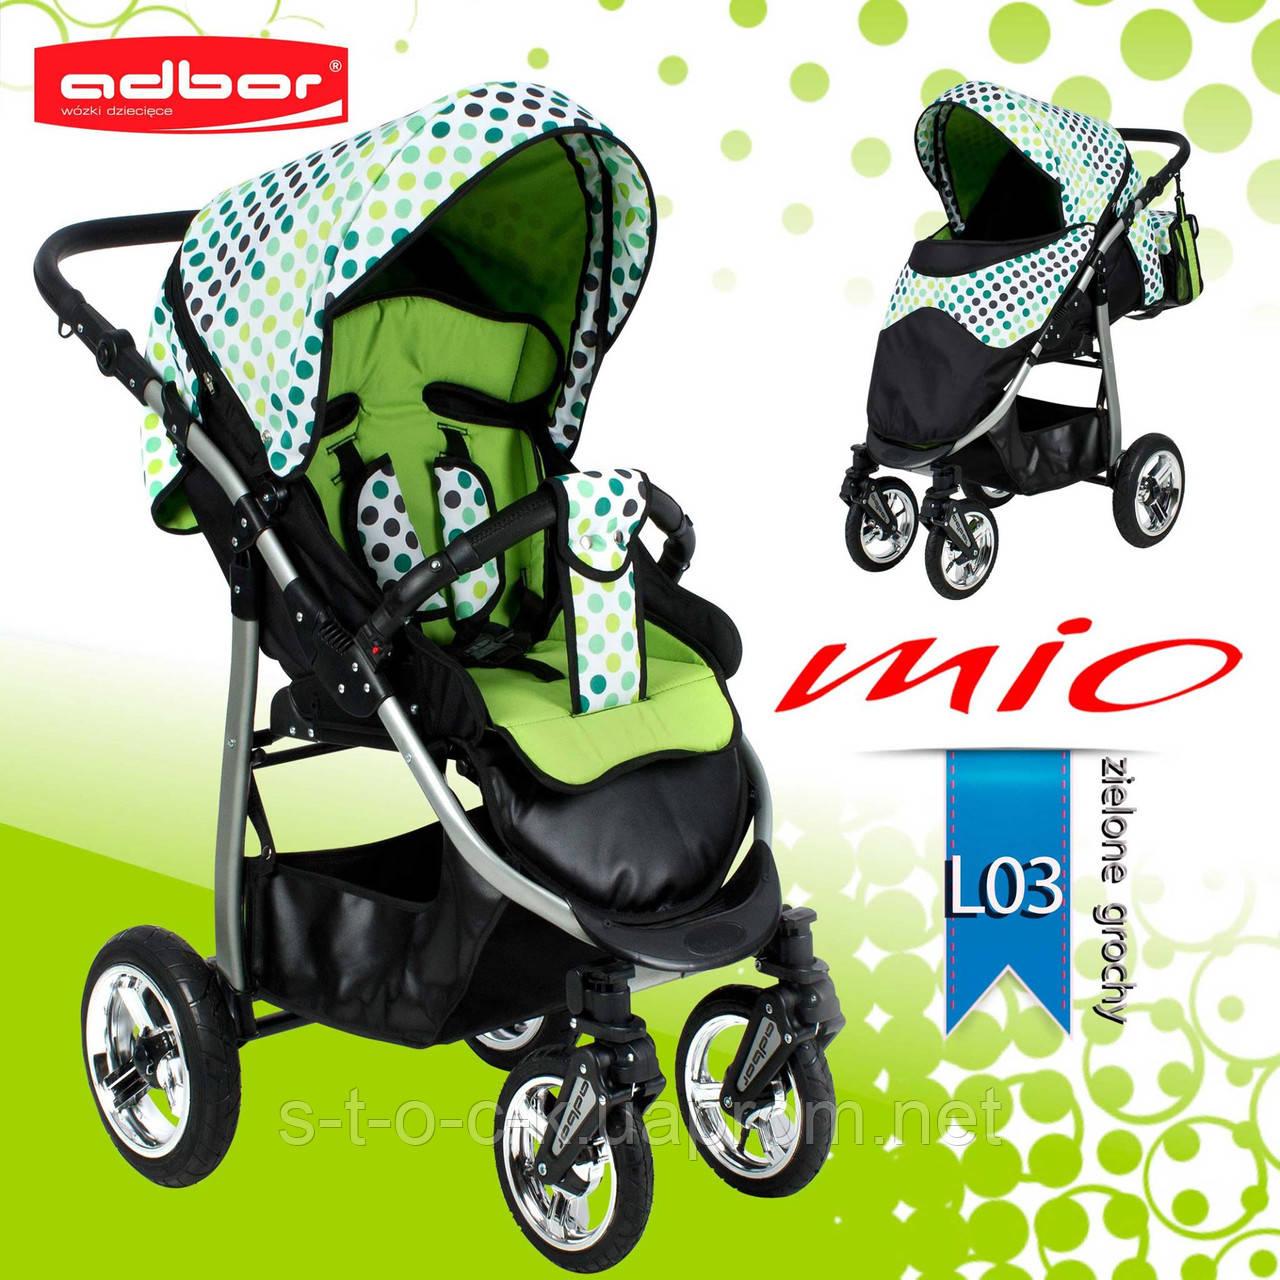 Adbor MIО прогулочная коляска. Цвет:зеленый в горошек